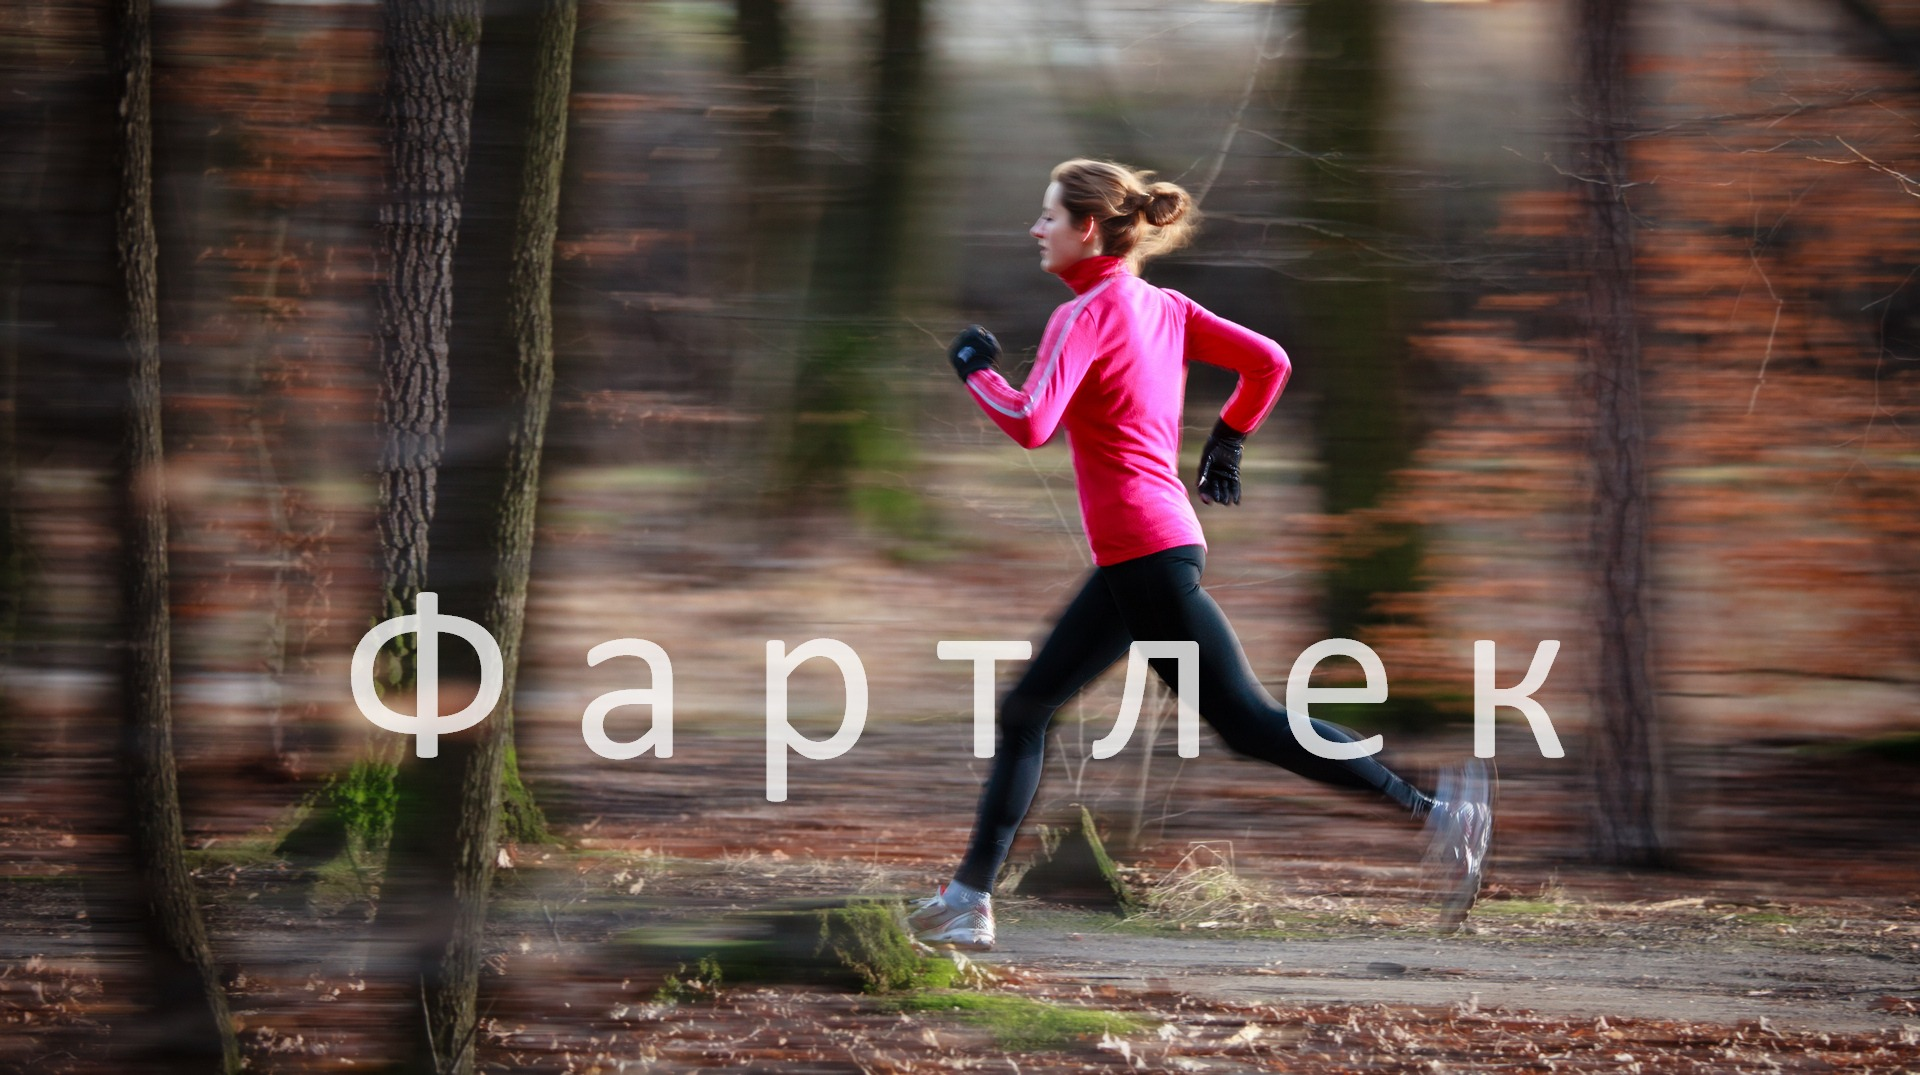 От бега трусцой до анаэробного спринта – это фартлек